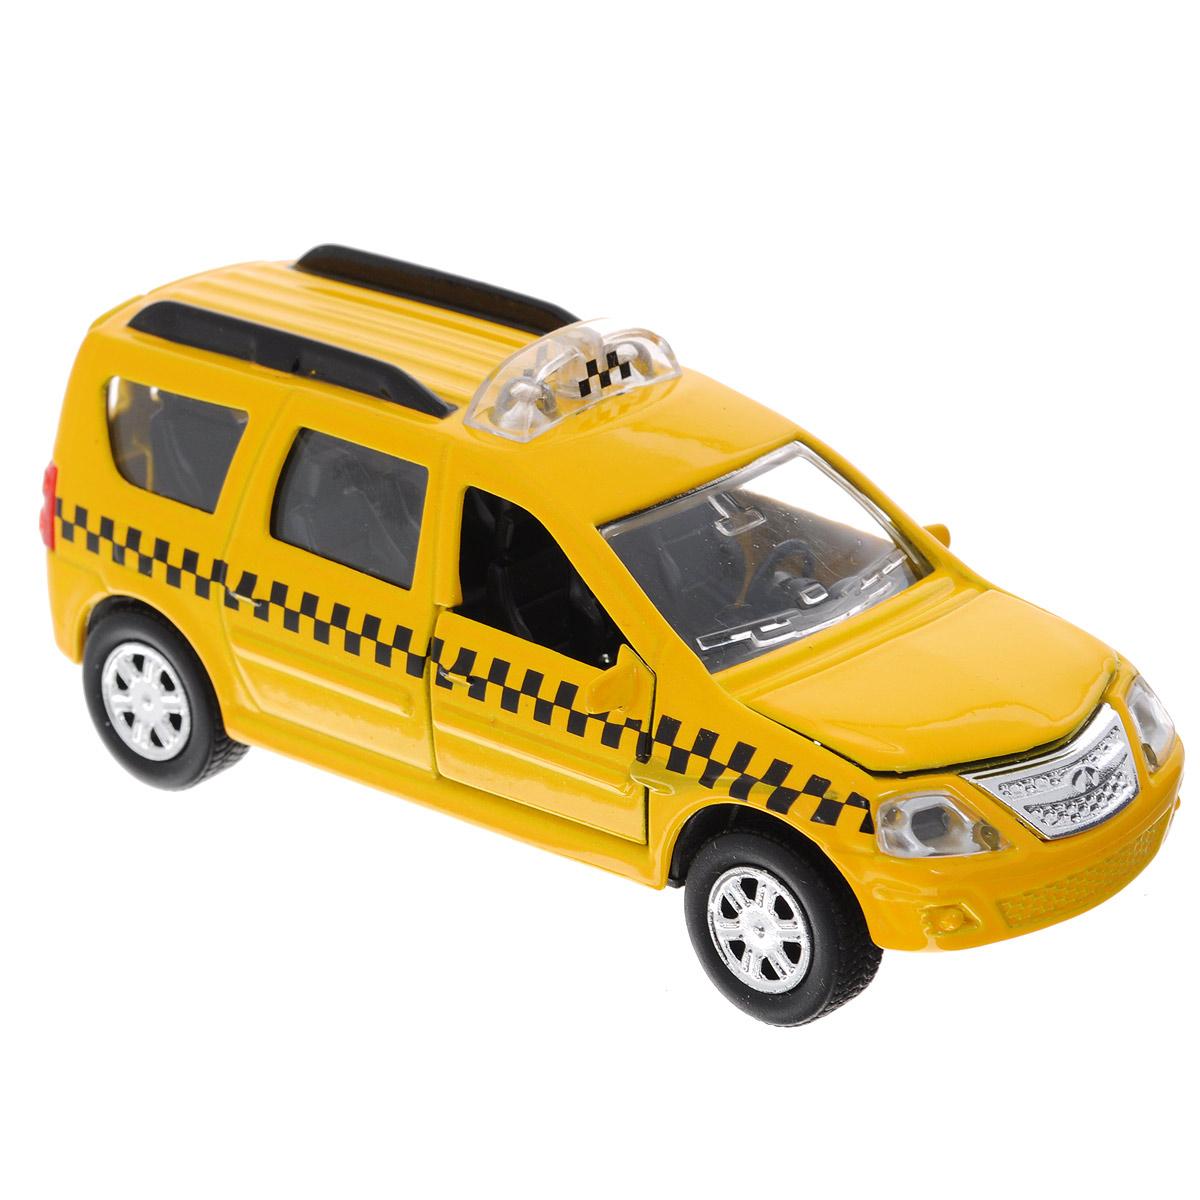 ТехноПарк Машинка инерционная Lada Largus ТаксиSB-13-13-3Машинка инерционная ТехноПарк Lada Largus: Такси выполненная из пластика и металла, станет любимой игрушкой вашего малыша. Игрушка представляет собой модель автомобиля такси Lada Largus. Дверцы салона, багажного отделения и капот открываются. При нажатии на капот модели, замигают проблесковые маячки и прозвучит звук работающего двигателя. Игрушка оснащена инерционным ходом. Машинку необходимо отвести назад, затем отпустить - и она быстро поедет вперед. Прорезиненные колеса обеспечивают надежное сцепление с любой поверхностью пола. Ваш ребенок будет часами играть с этой машинкой, придумывая различные истории. Порадуйте его таким замечательным подарком! Машинка работает от батареек (товар комплектуется демонстрационными).